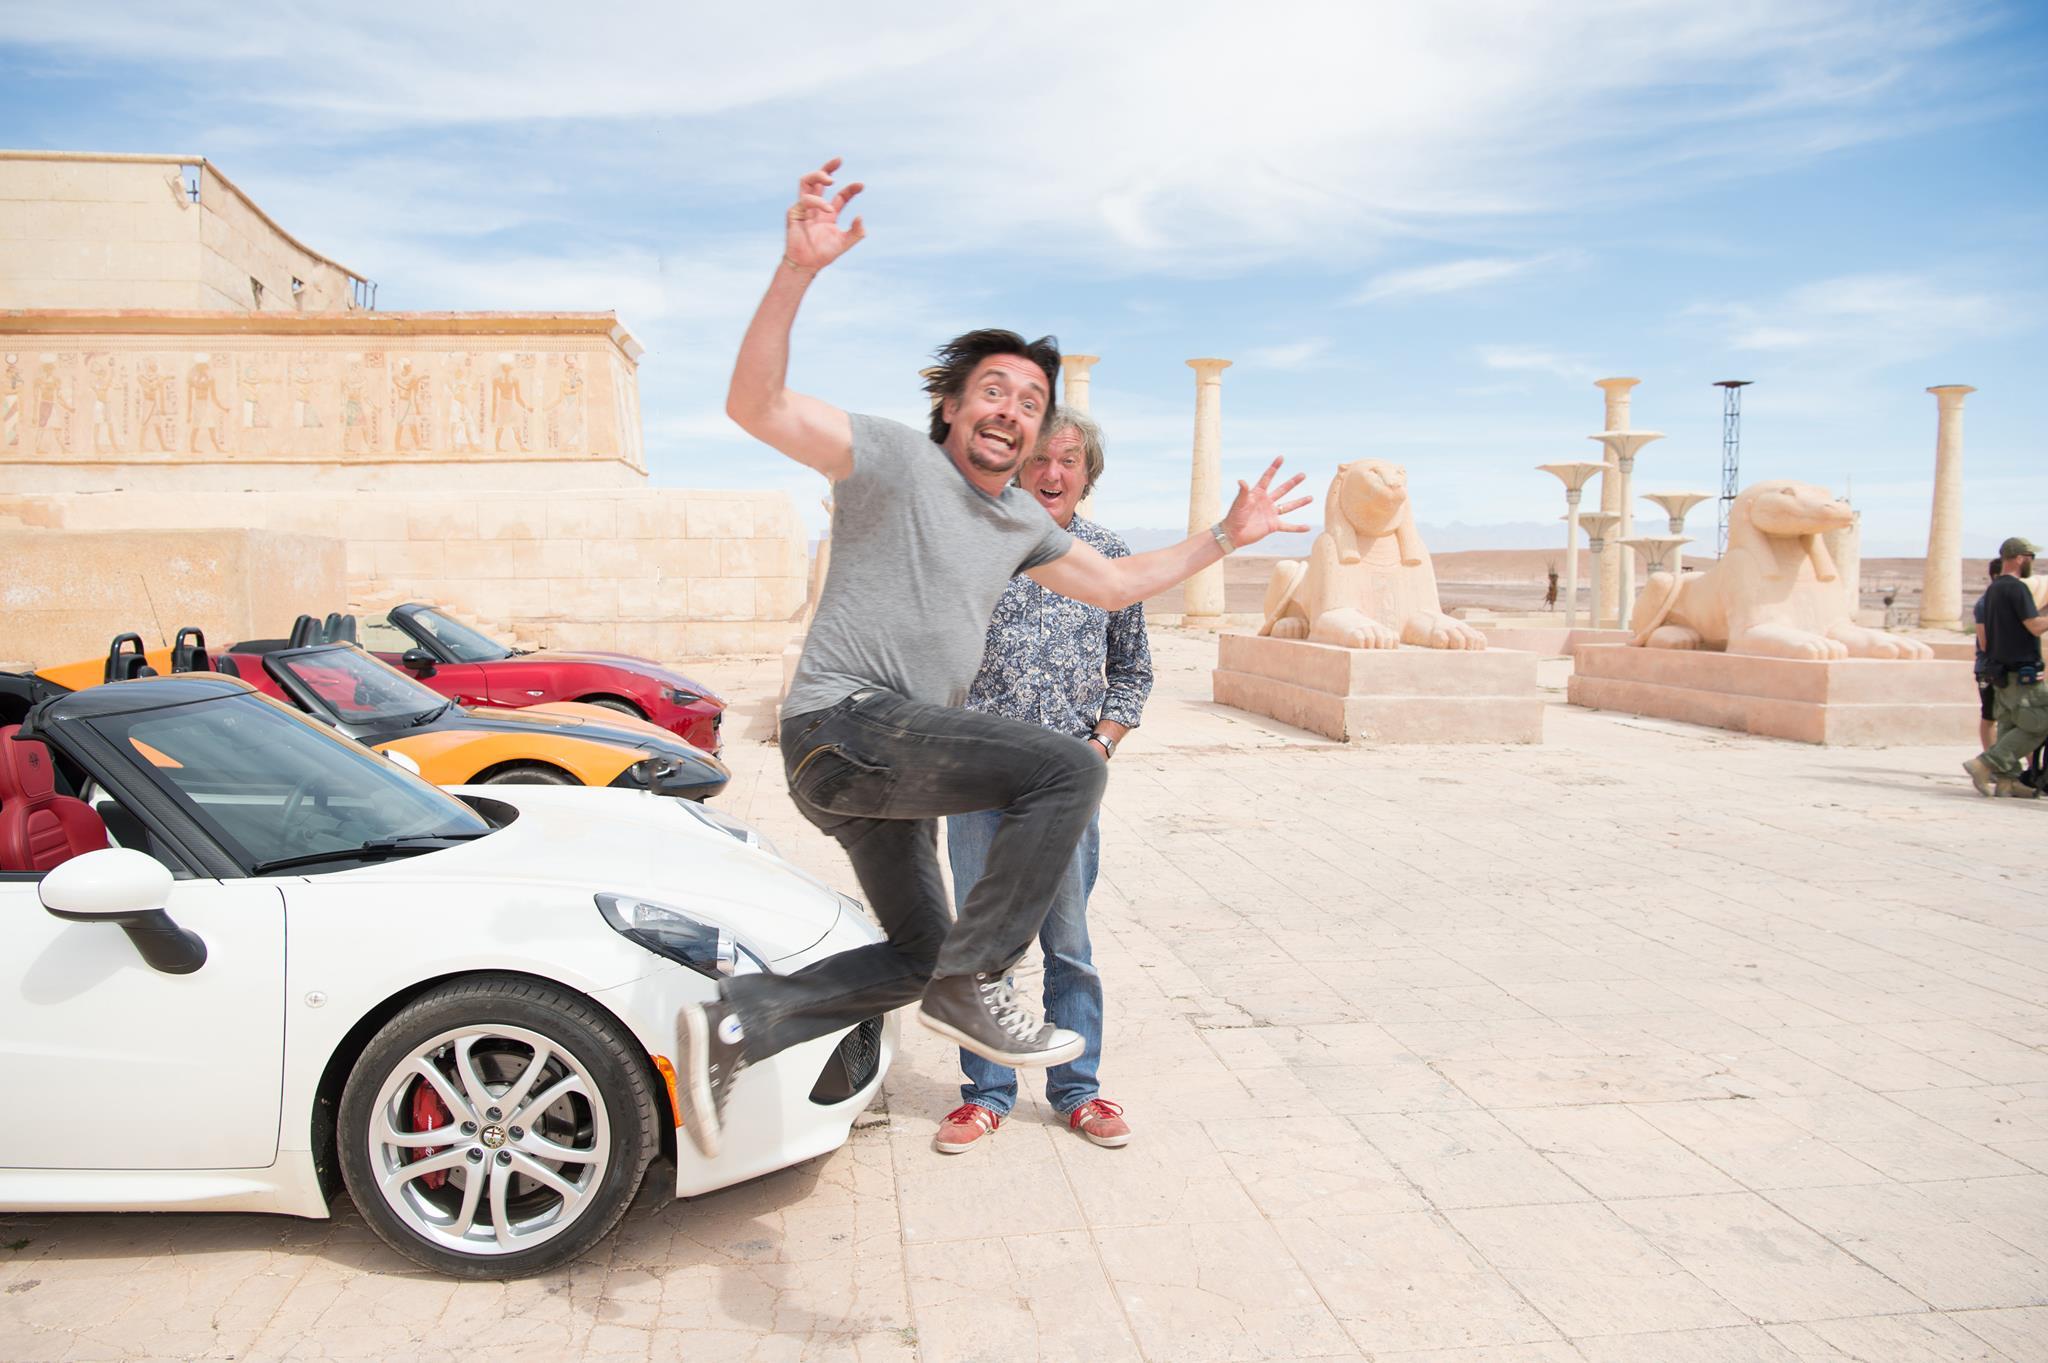 Momentka z natáčení Grand Tour v Maroku